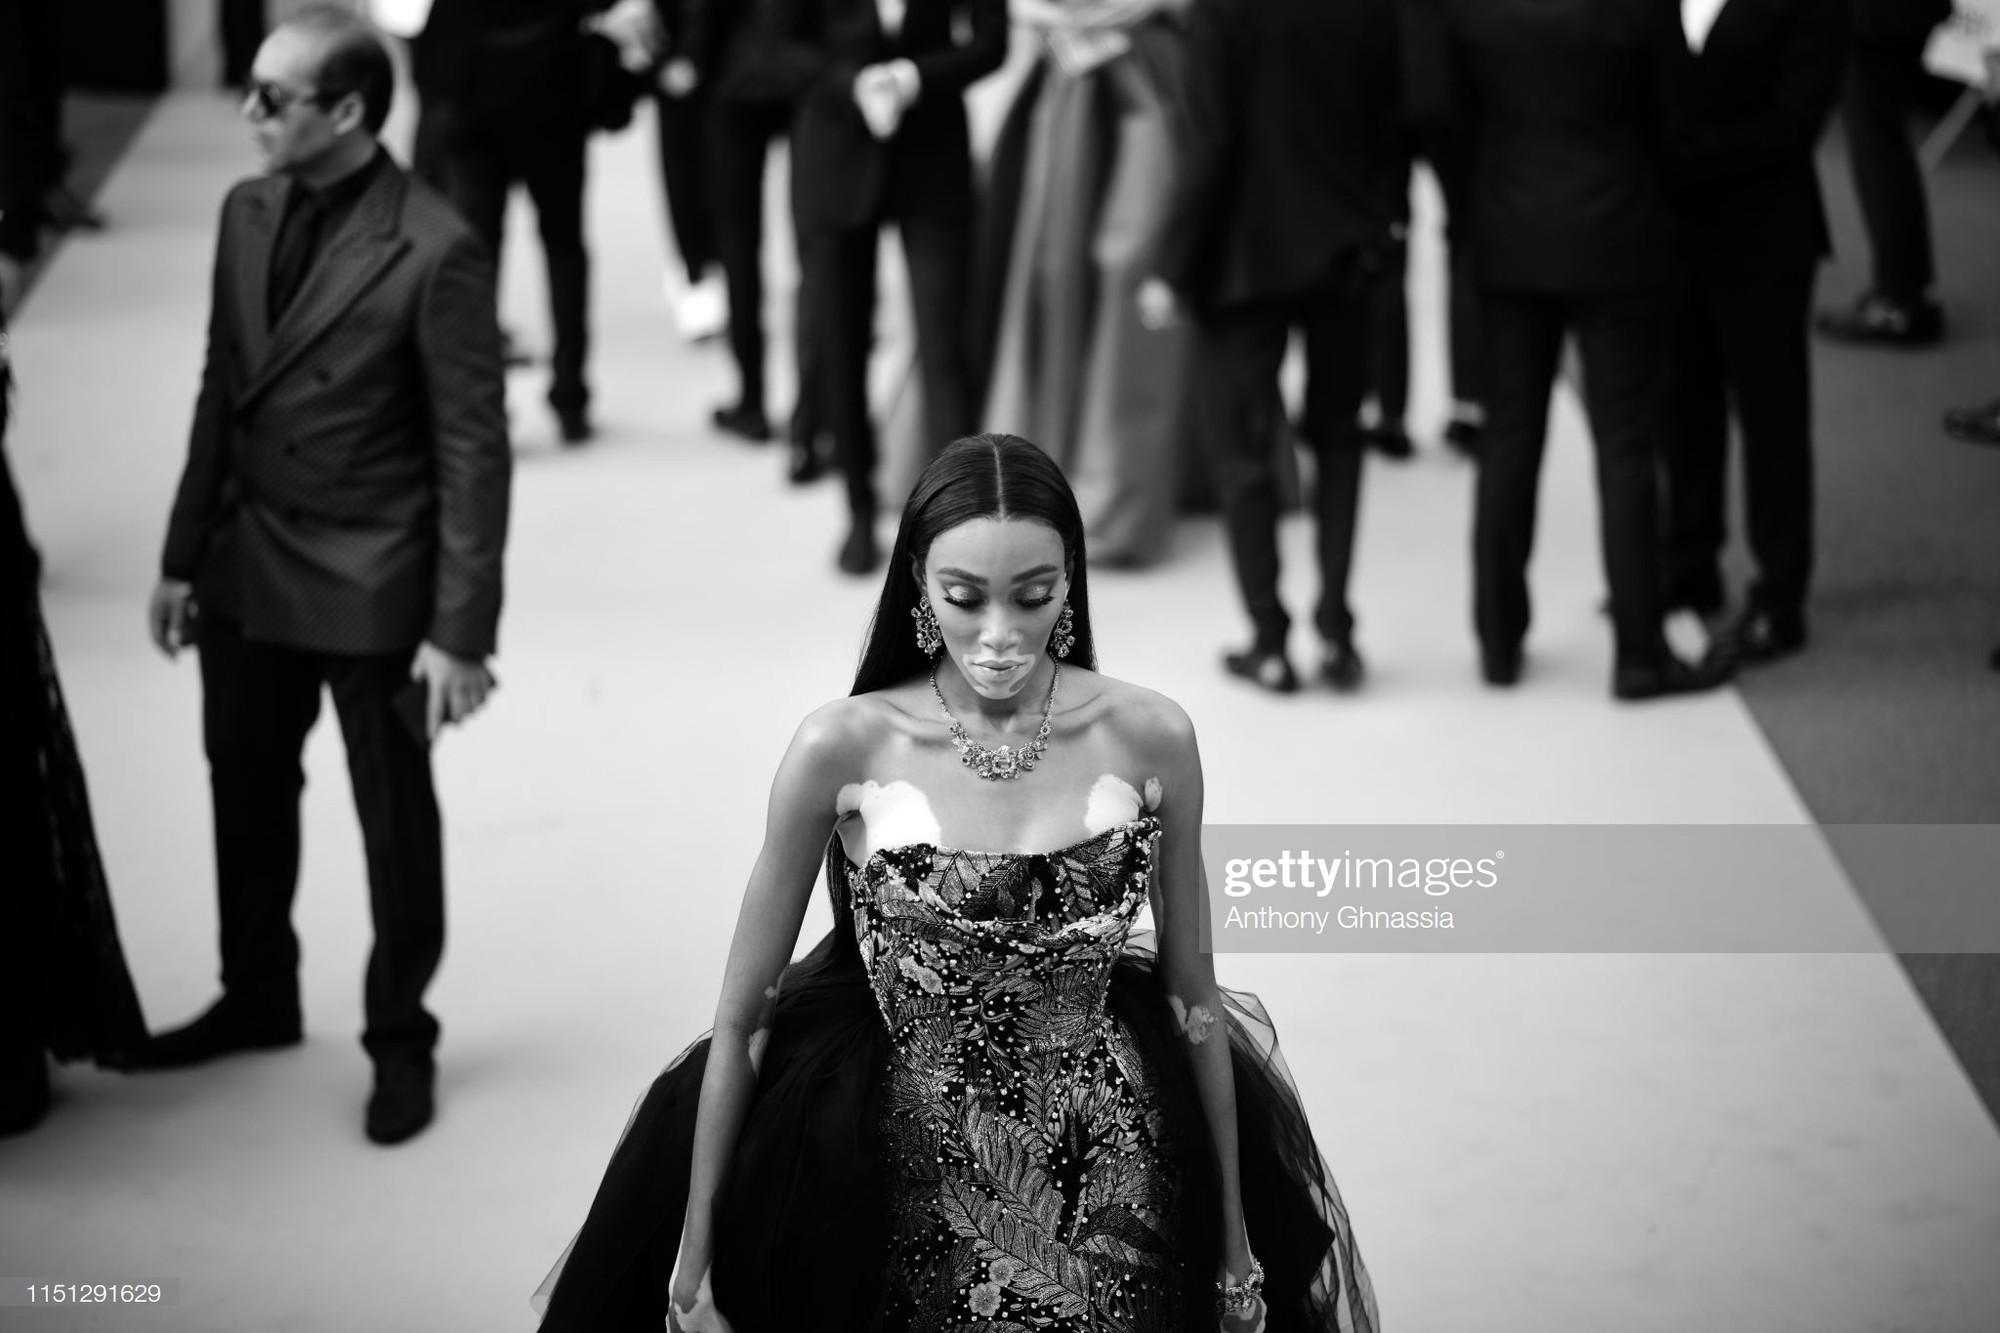 Top khoảnh khắc đắt giá nhất Cannes 2019: Dàn mỹ nhân 9X bất ngờ chiếm đa số, Selena và cặp đôi Brooklyn ấn tượng mạnh - Ảnh 18.